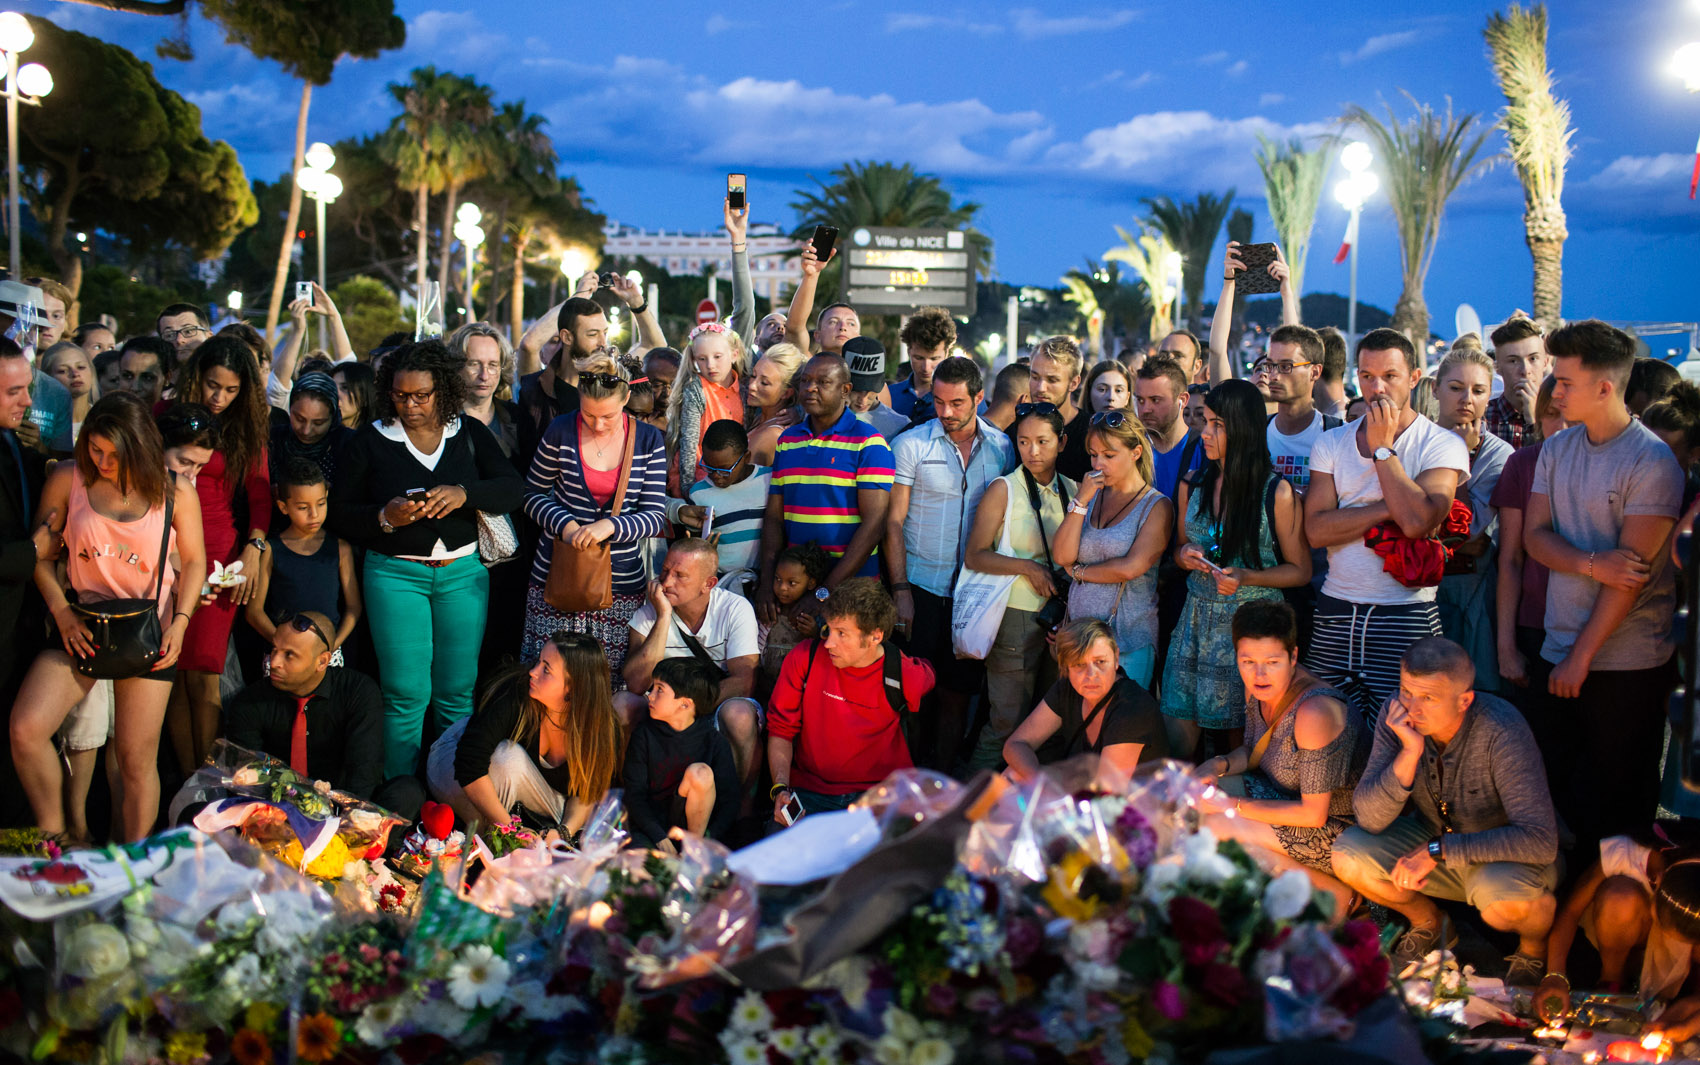 15/07 - Pessoas se reúnem em um memorial em homenagem às vítimas do ataque com um caminhão em Nice, na França, durante a festa do dia da queda da bastilha. Mais de 80 pessoas morreram e dezenas ficaram feridas